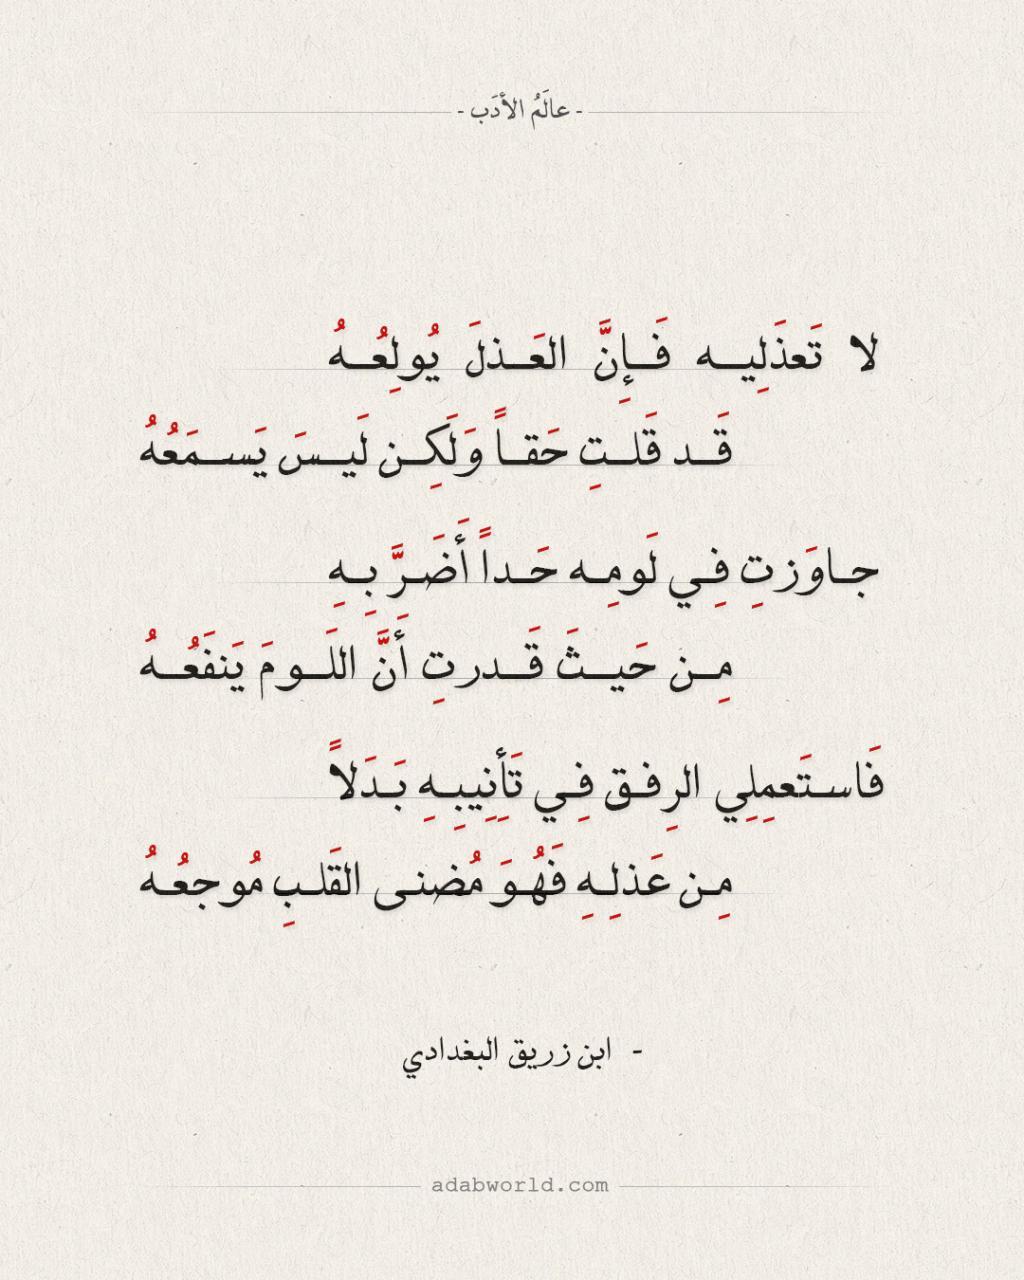 قصيدة اعتذار لصديق